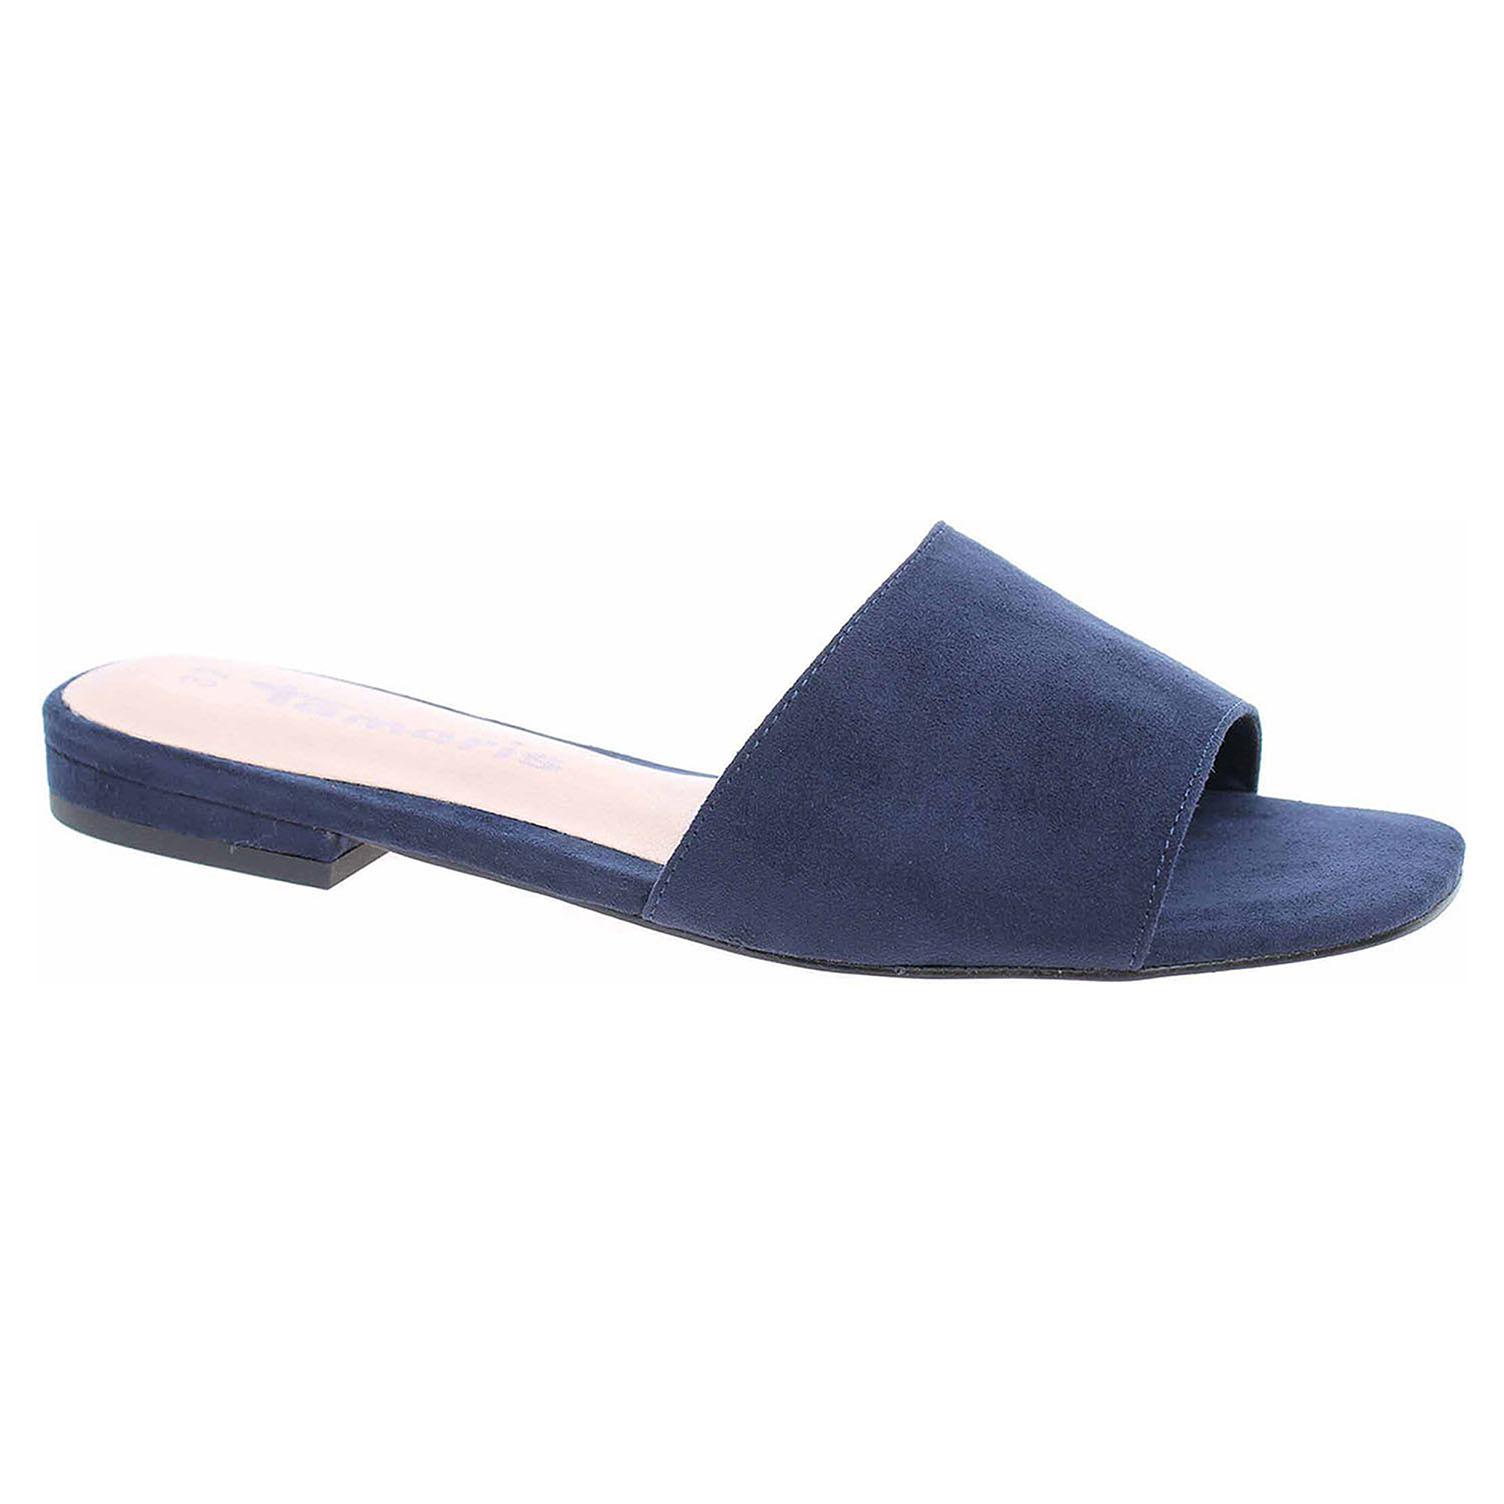 bcfd05c518ac1 Ecco Dámské pantofle Tamaris 1-27104-22 navy 23600910